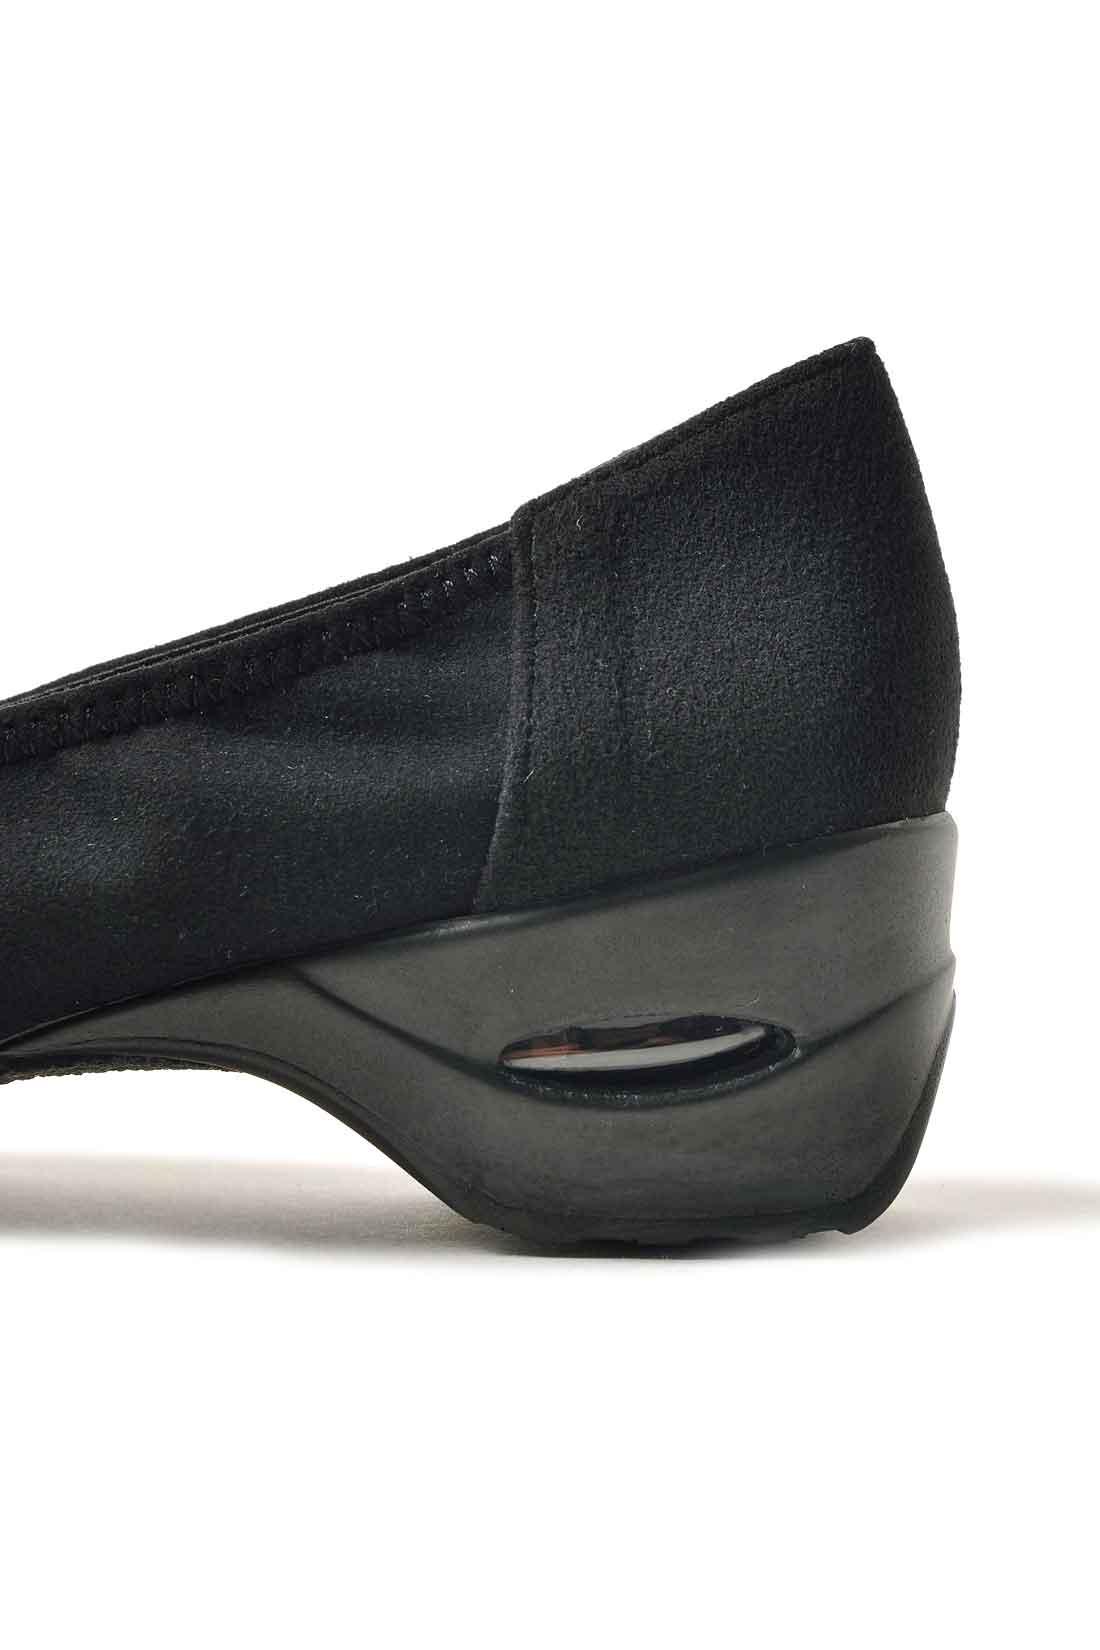 ヒールにこっそりエアバックを内蔵しているから、4.5センチのヒールでもスニーカーのような履き心地!